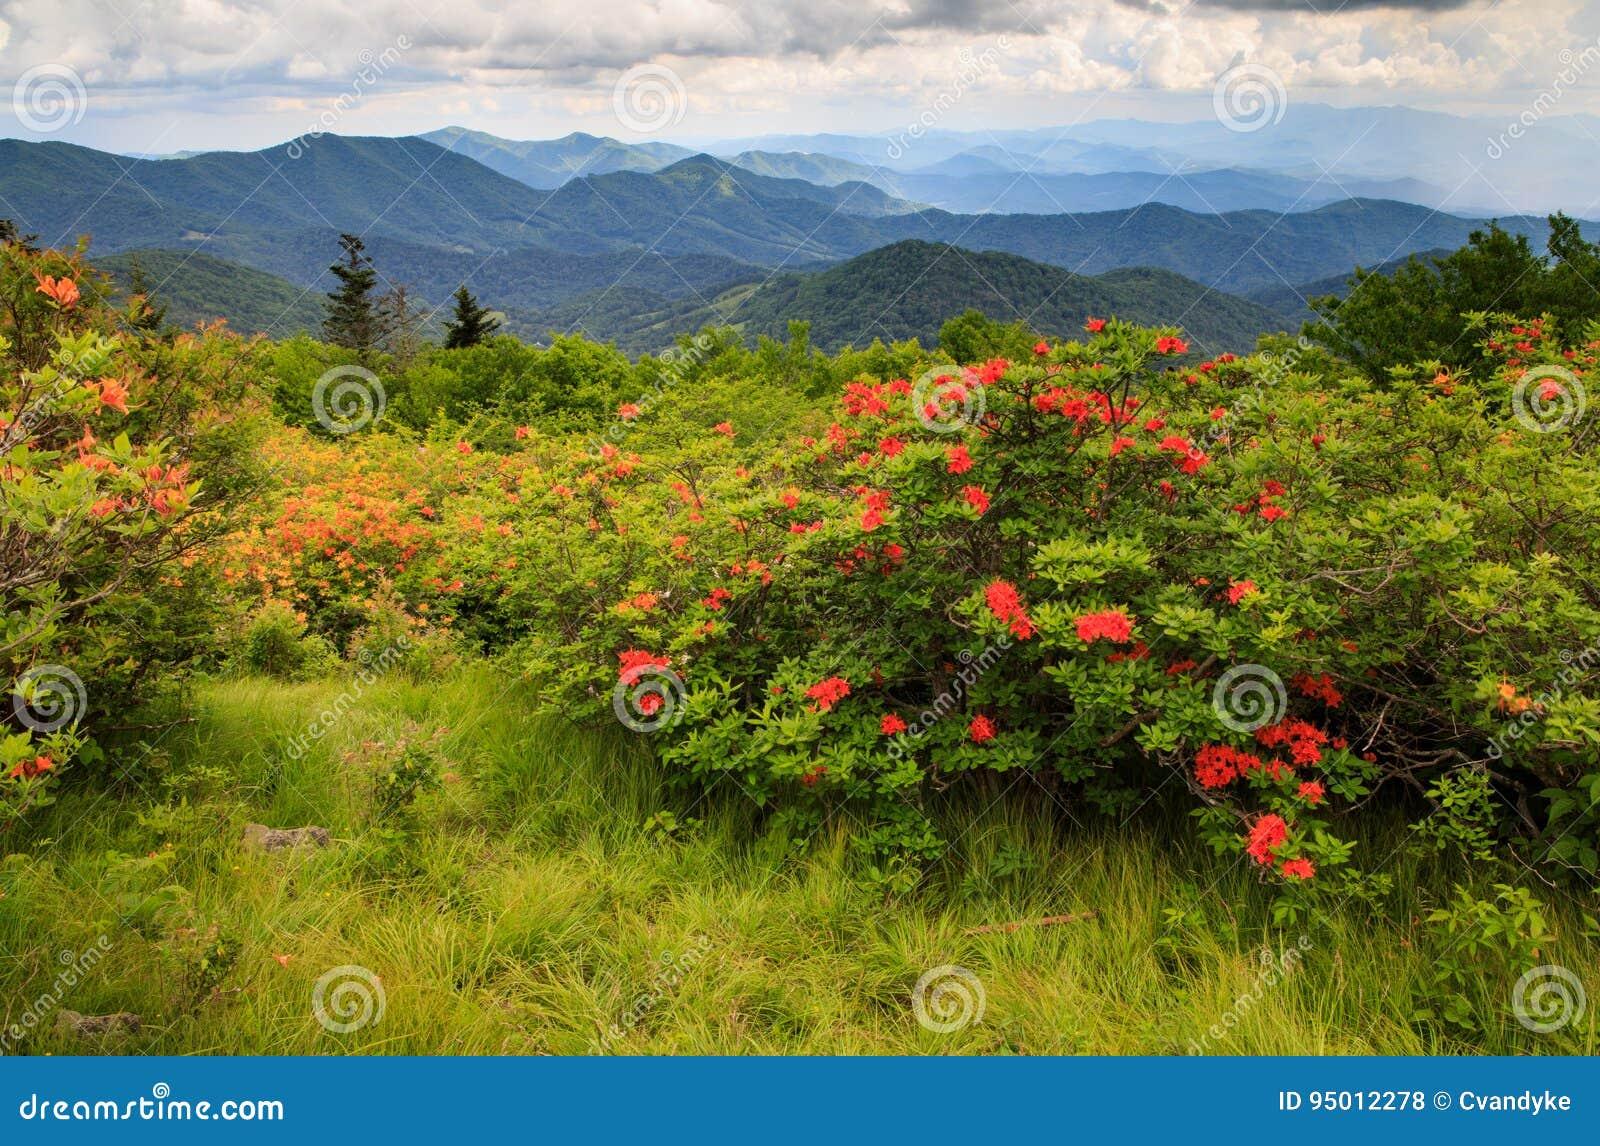 Norr Carolina Mountain Background